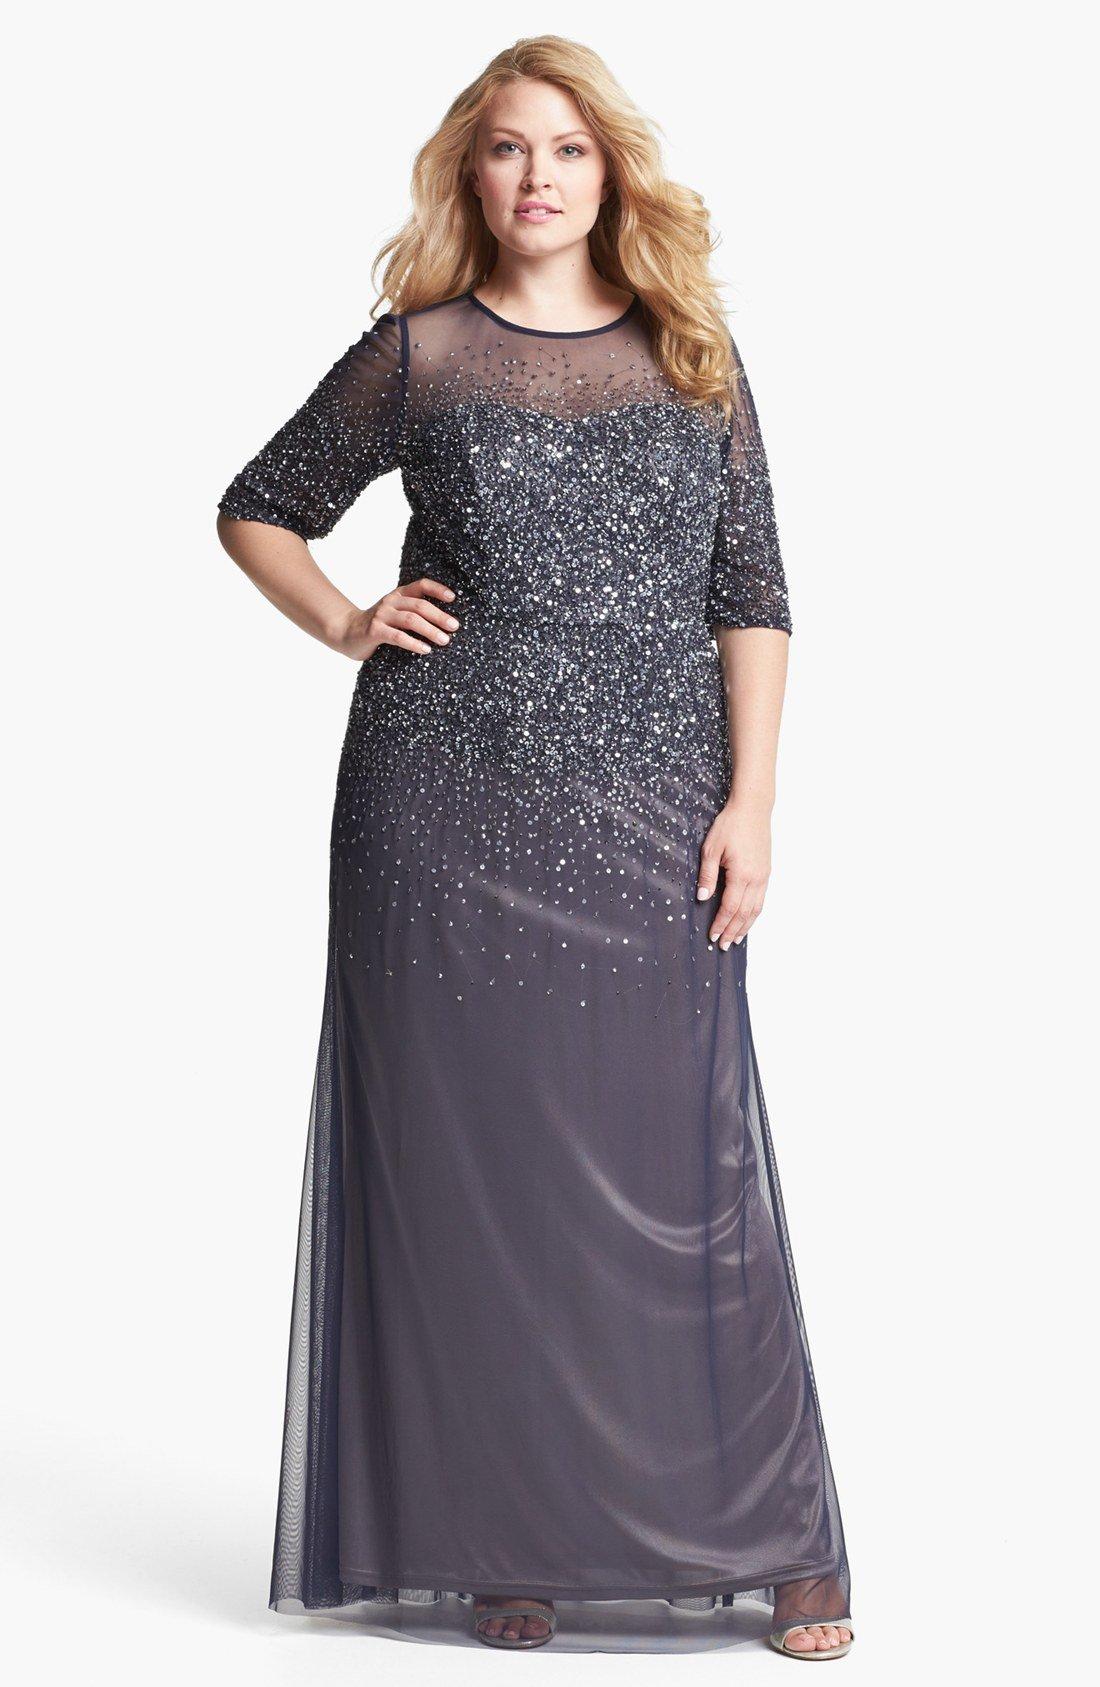 Vechernie-platya-dlya-polnyx-zhenshhin-foto_01 Платье для полных женщин на торжество 2019 (88 фото): на юбилей, на новый год, нарядное и праздничное